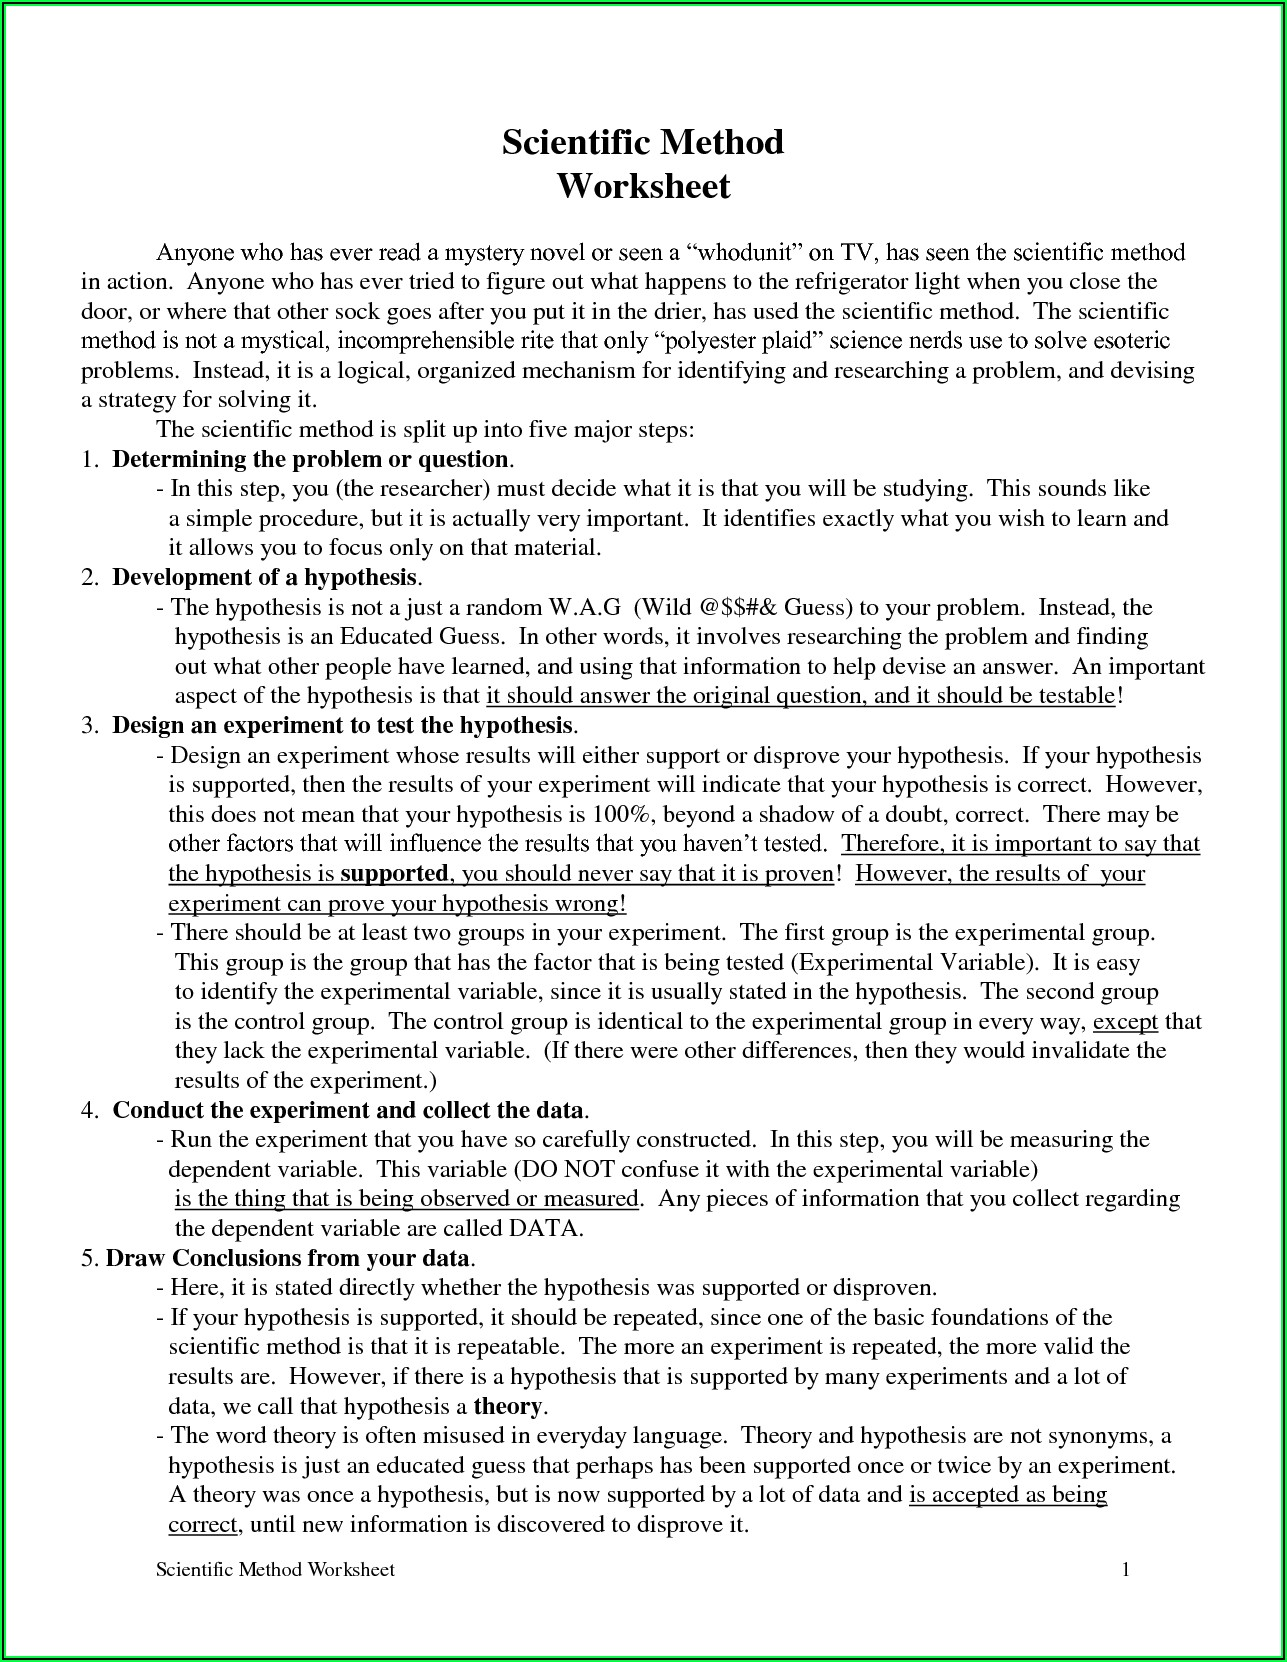 Scientific Method Practice Worksheet Pdf Answer Key